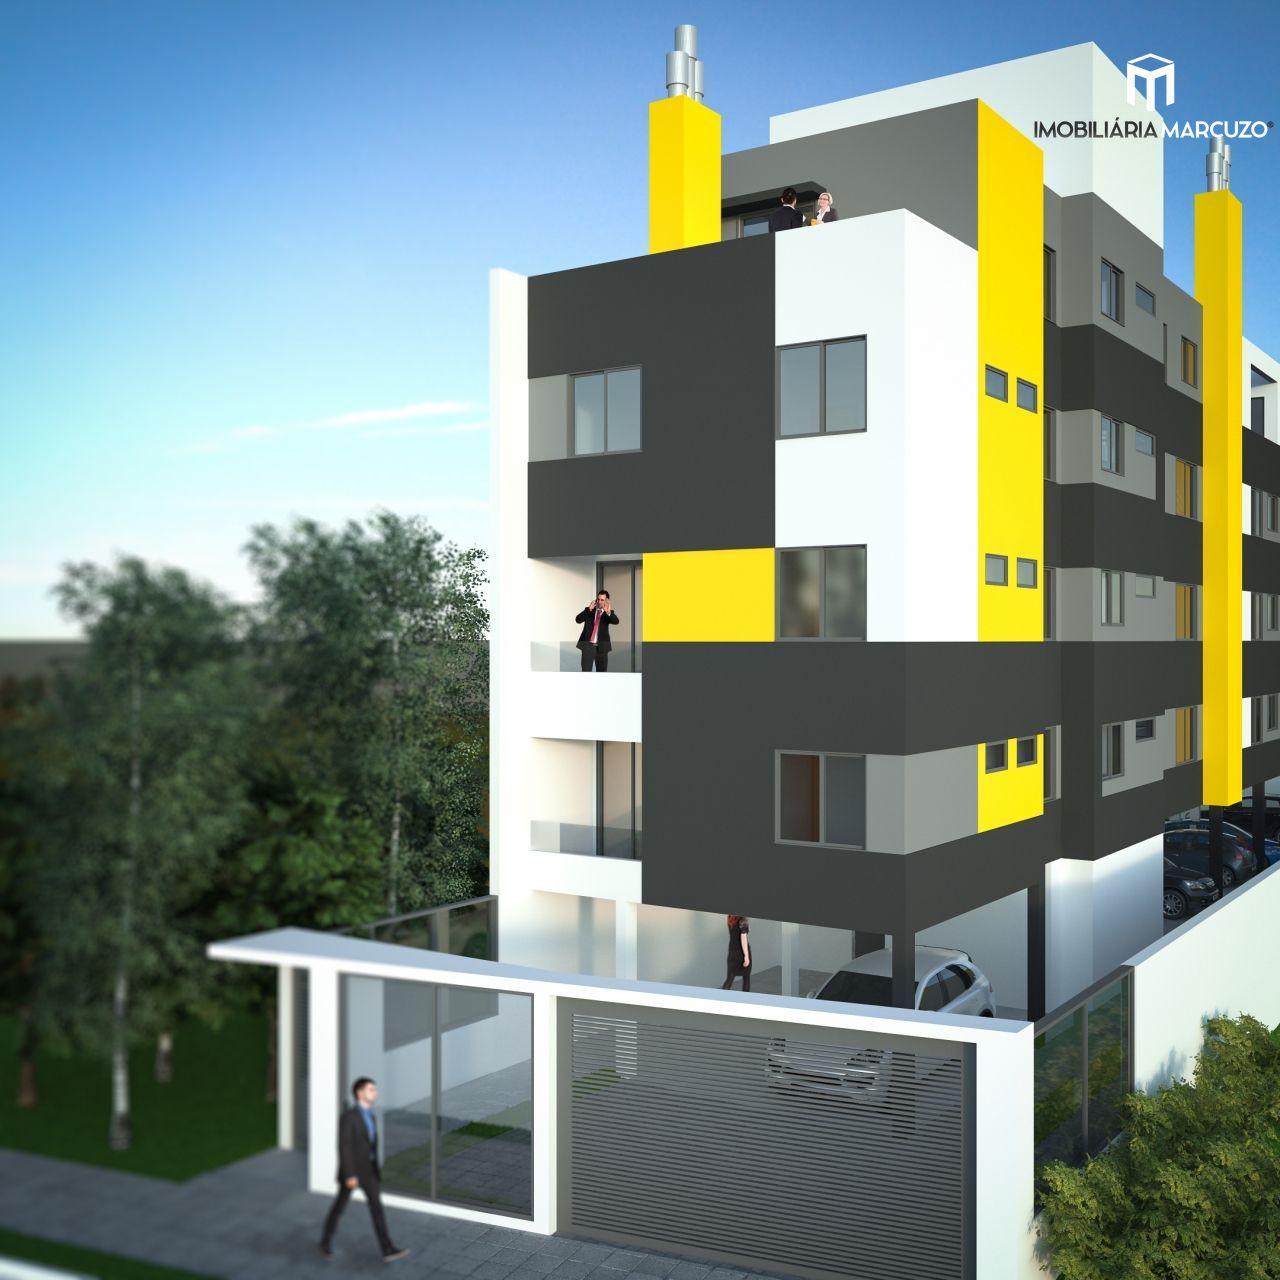 Apartamento com 1 Dormitórios à venda, 38 m² por R$ 170.000,00